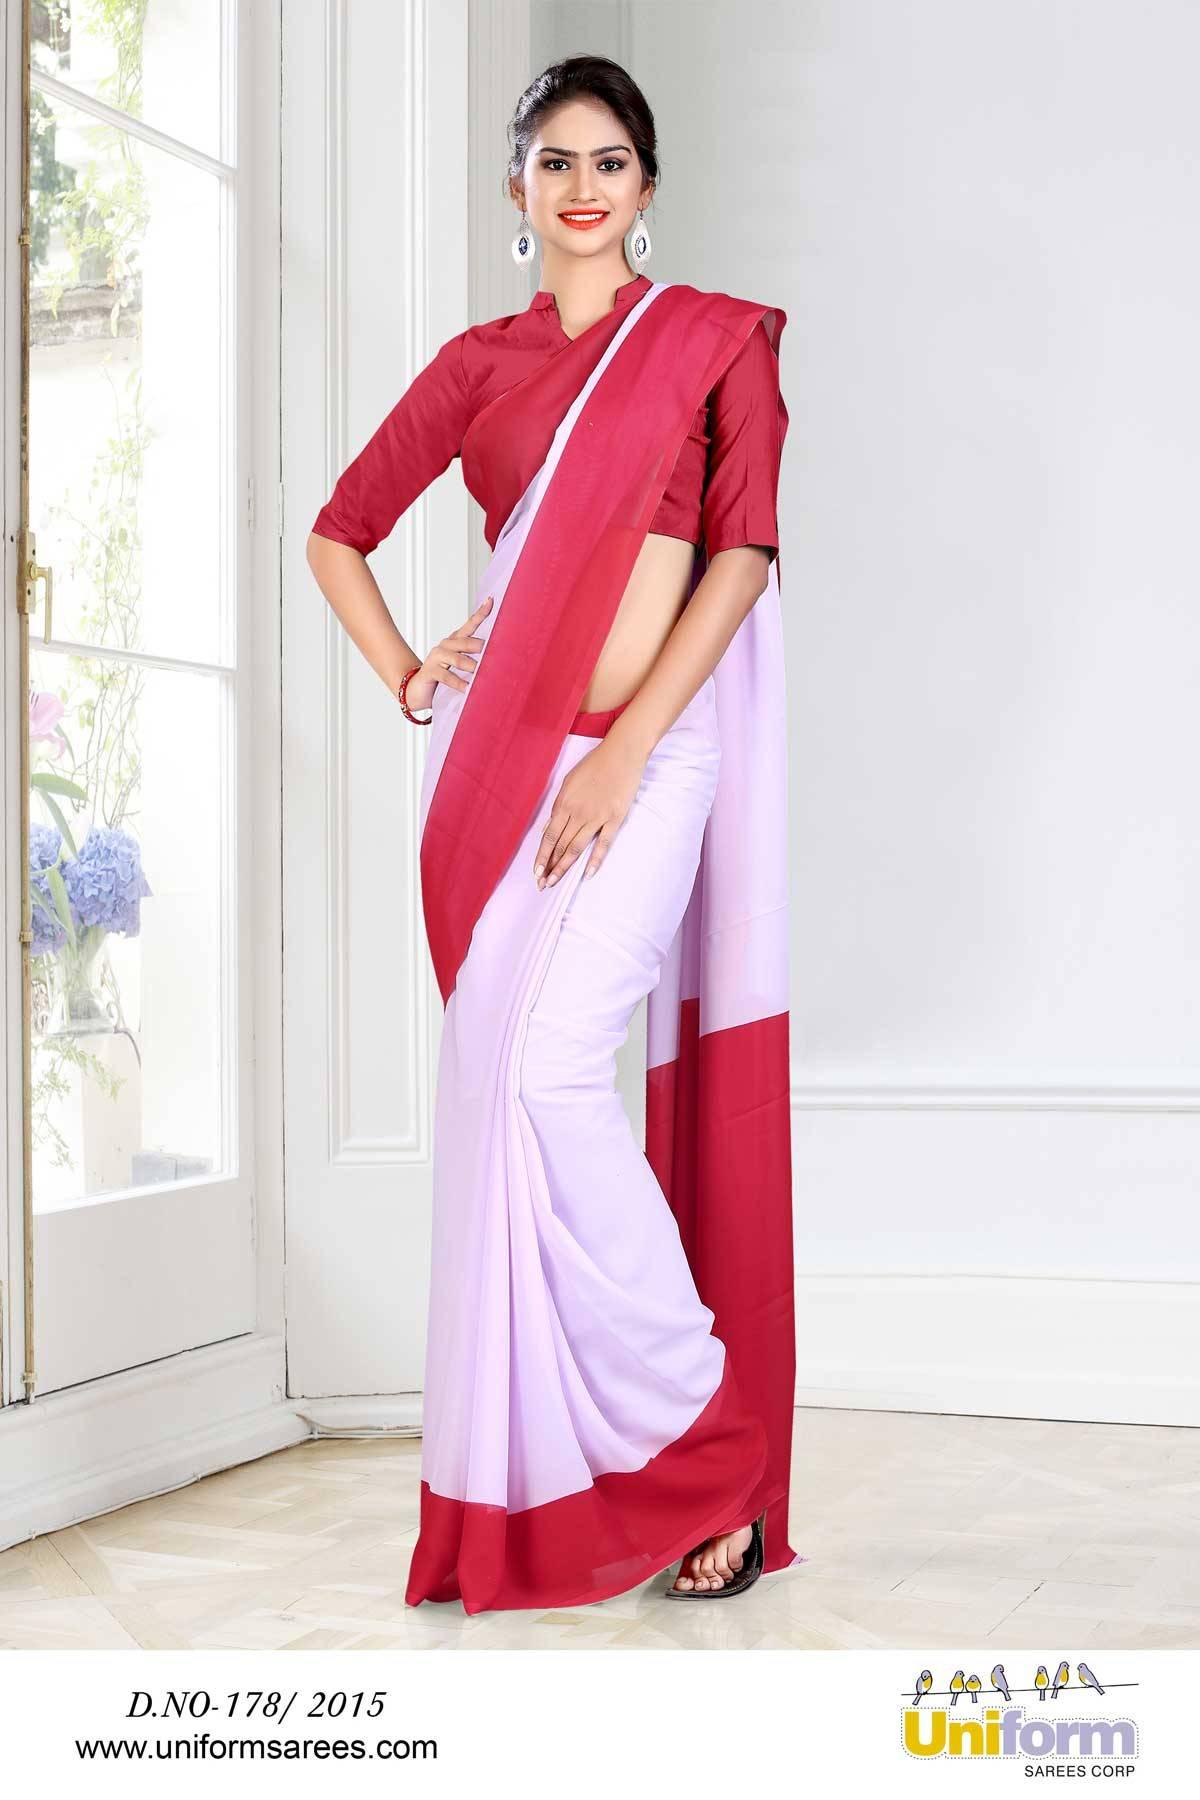 White Border Uniform Saree | Uniform Design No 178/2015